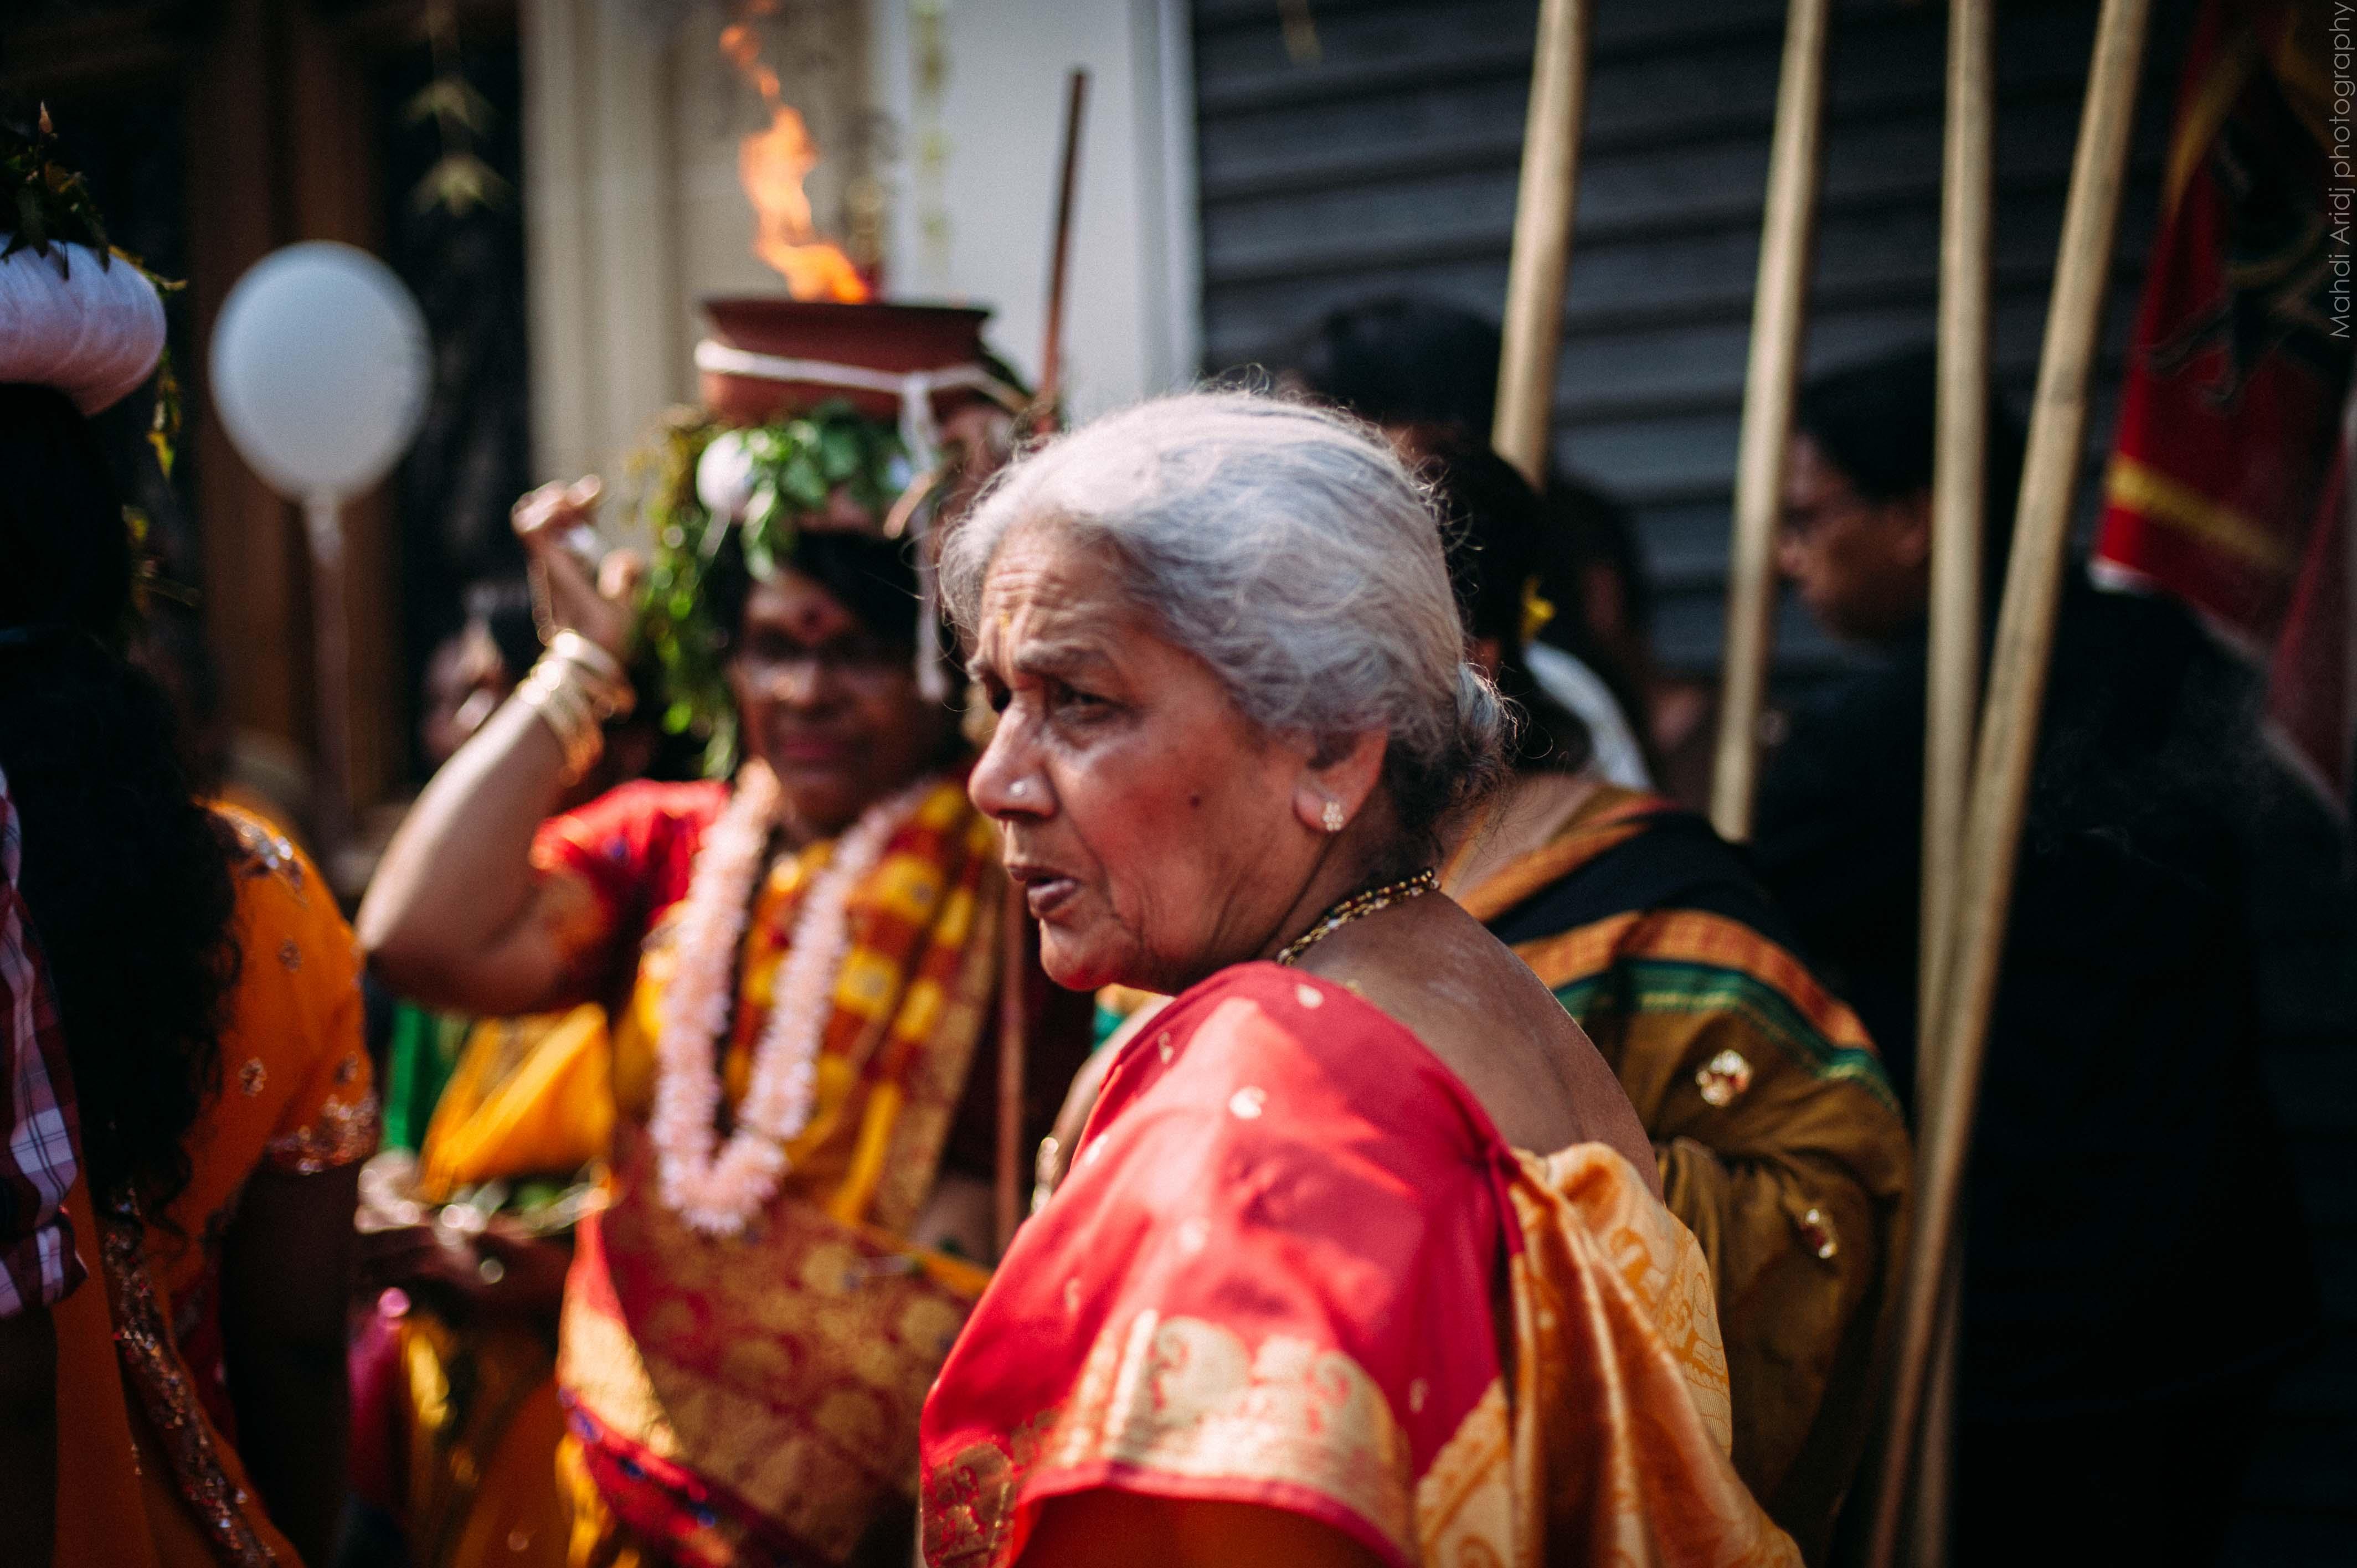 Ganesh chaturthi - Fête de Ganesh - Ganesh festival - Vinayaka Chaturthi - Pillayar Chaturthi Paris 2017